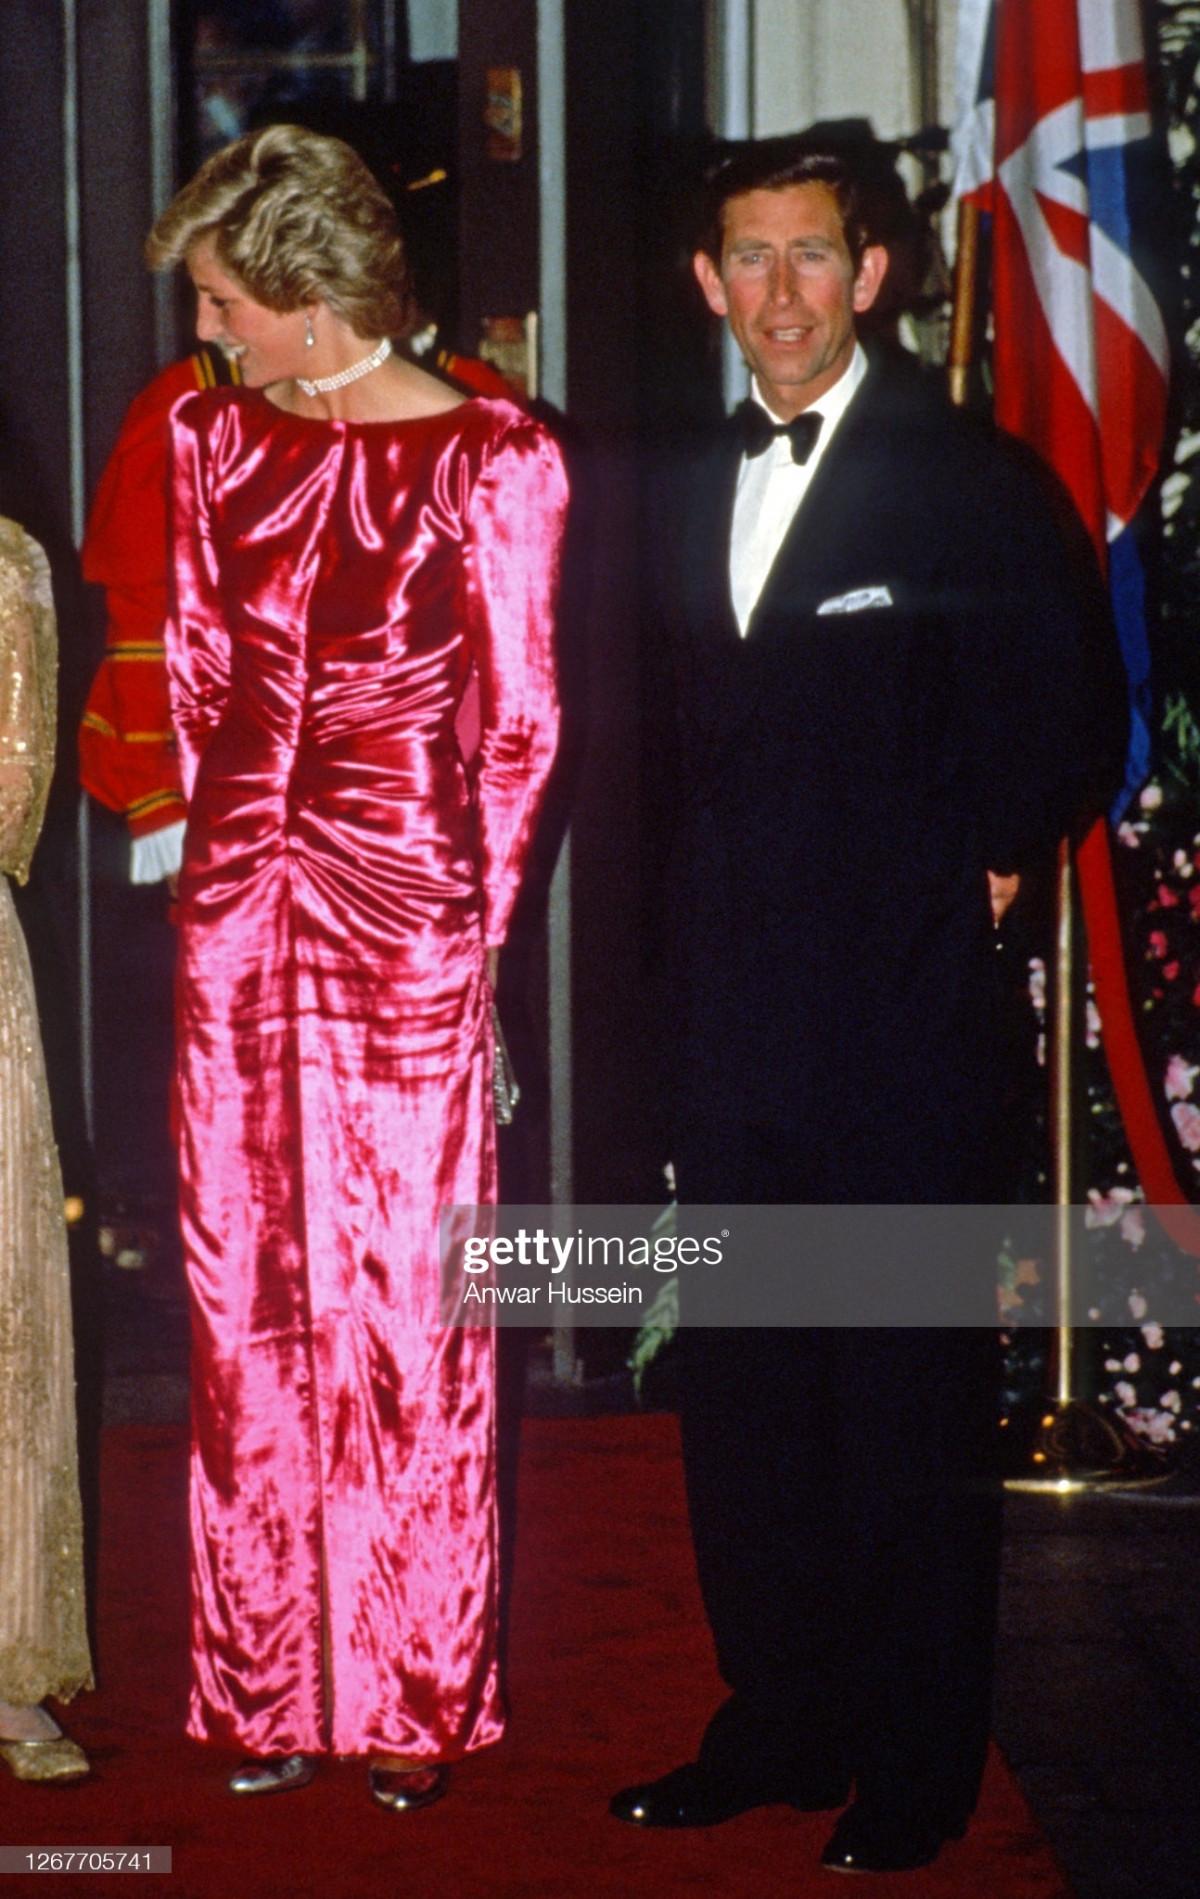 Công nương Diana Diện trang phục màu hồng quý phái, thanh lịch khó sánh - 4